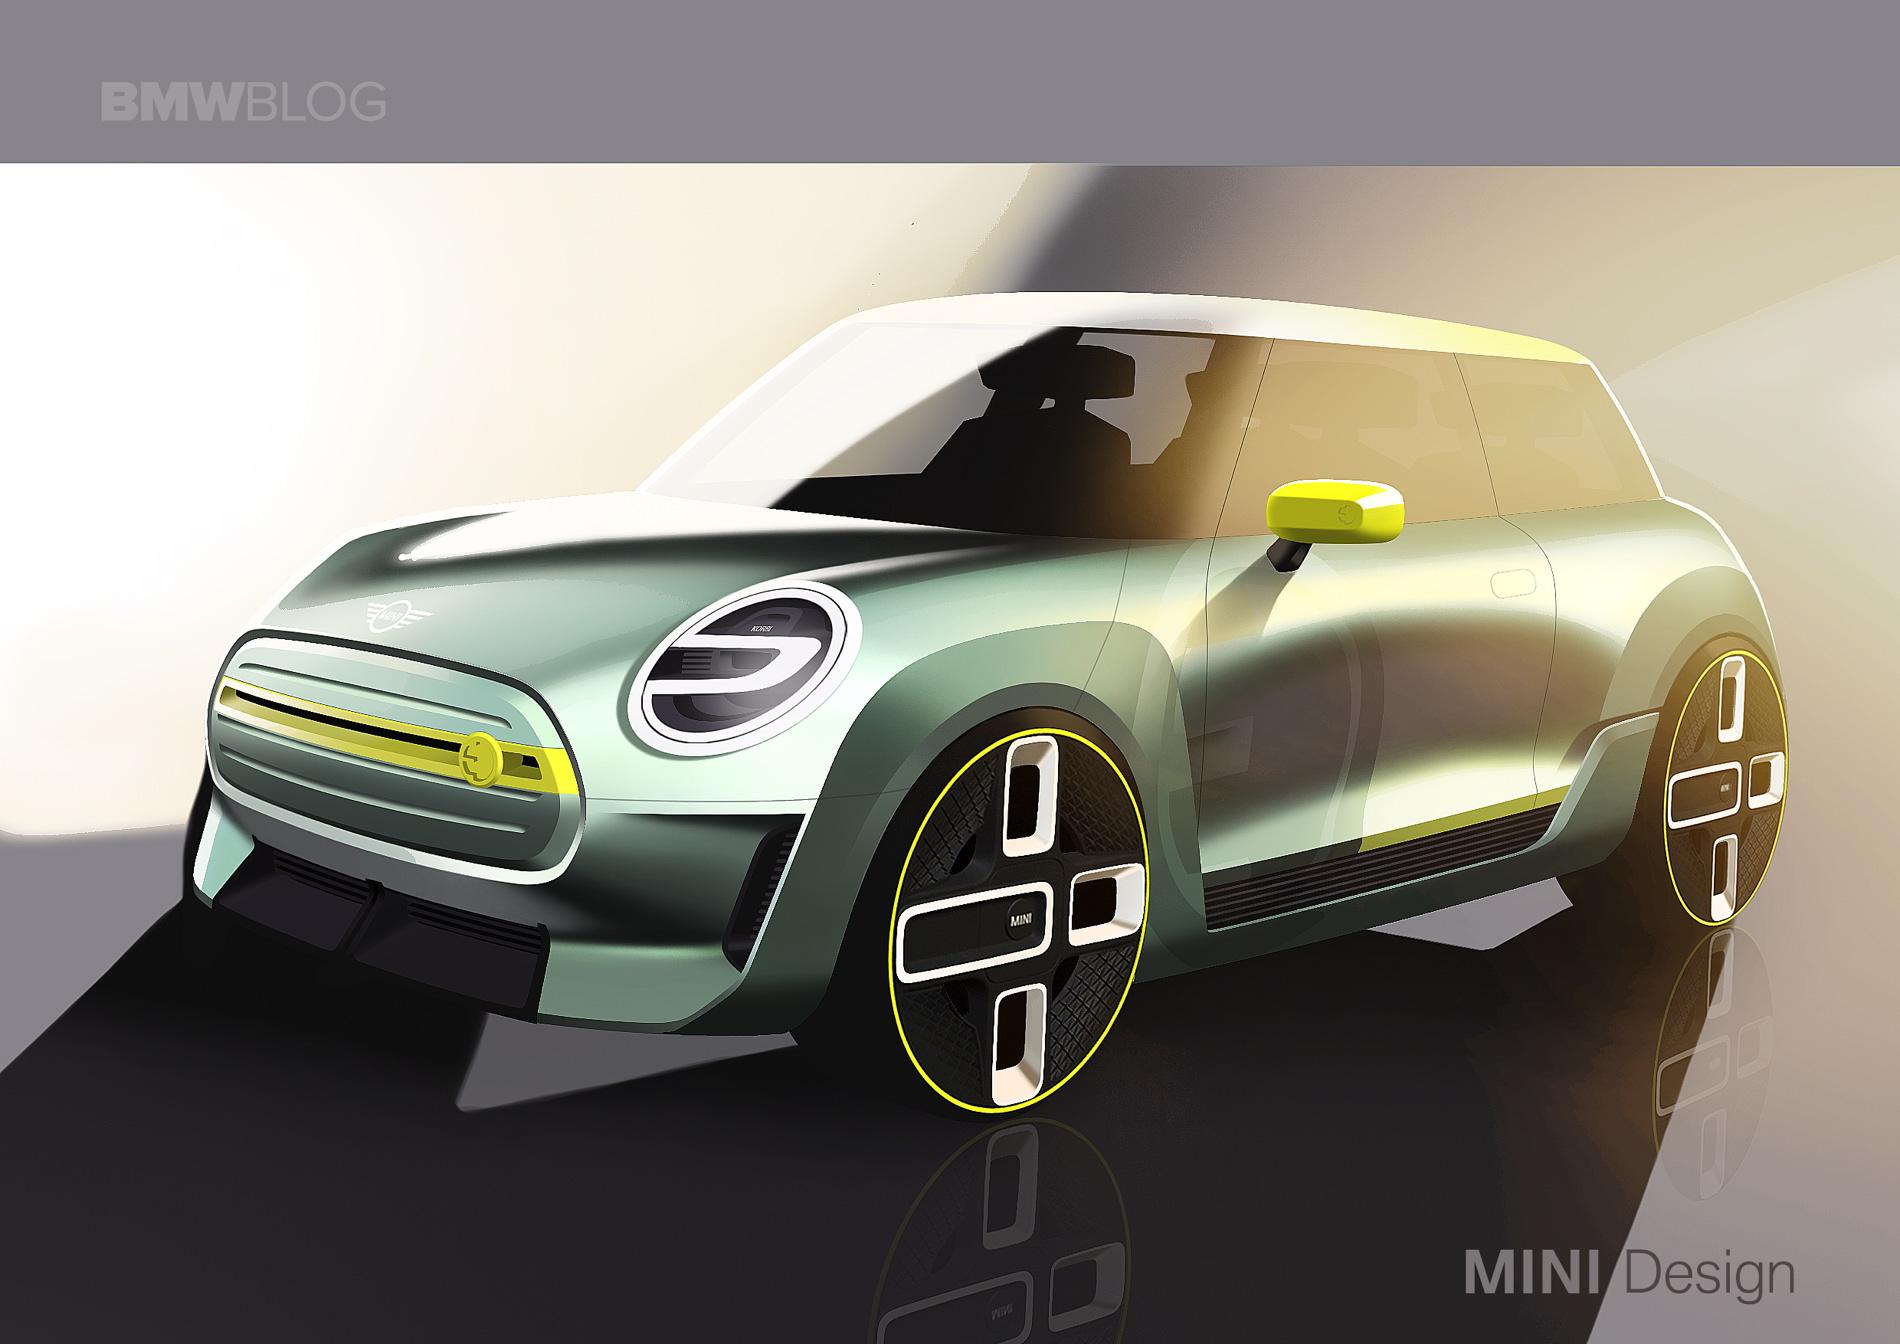 MINI Electric Concept sketches 01